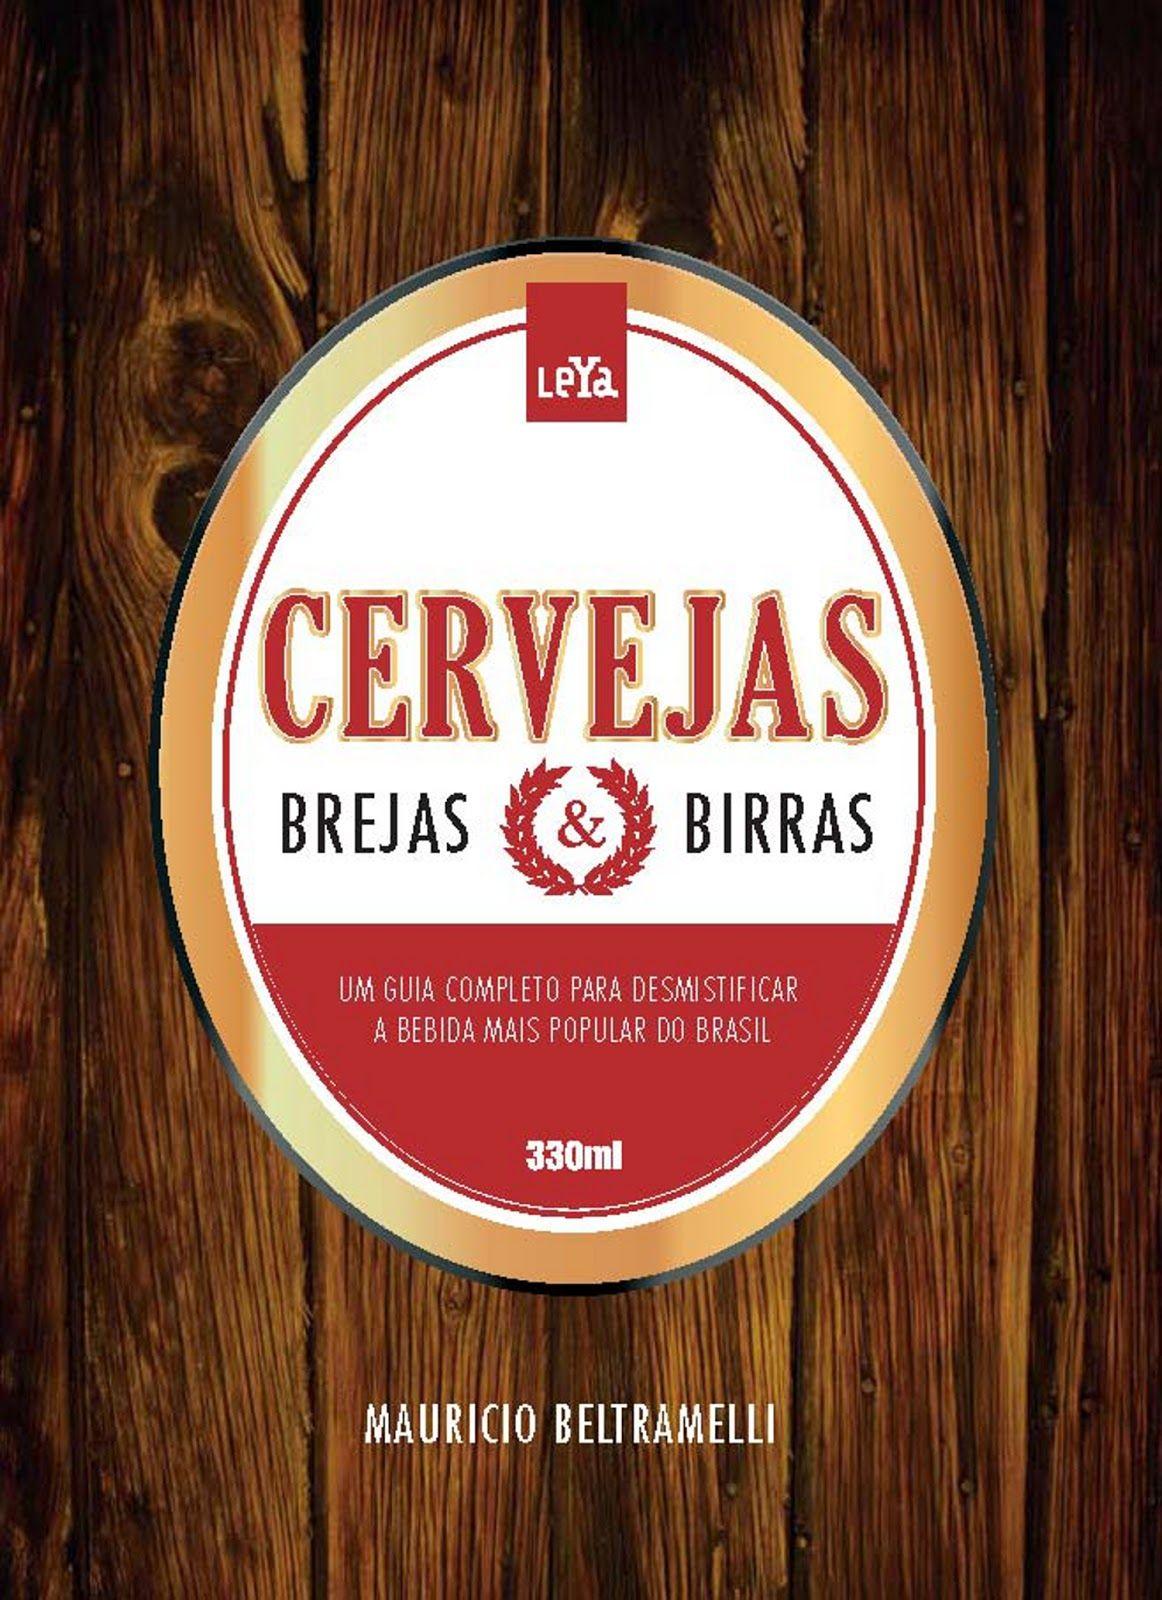 """Mauricio Beltramelli, criador do site Brejas e proprietário do Bar Brejas, lançará em novembro, pela editora LeYa """"Cervejas, Brejas & Birras"""" - Um guia para desmistificar a bebida mais popular do mundo""""  Tudo sobre os mais de 100 tipos de cerveja existentes no mundo, por meio de uma linguagem simples e divertida, como numa conversa de amigos entre um chope e outro.Nº de páginas: 320 Preço: R$ 49,90"""